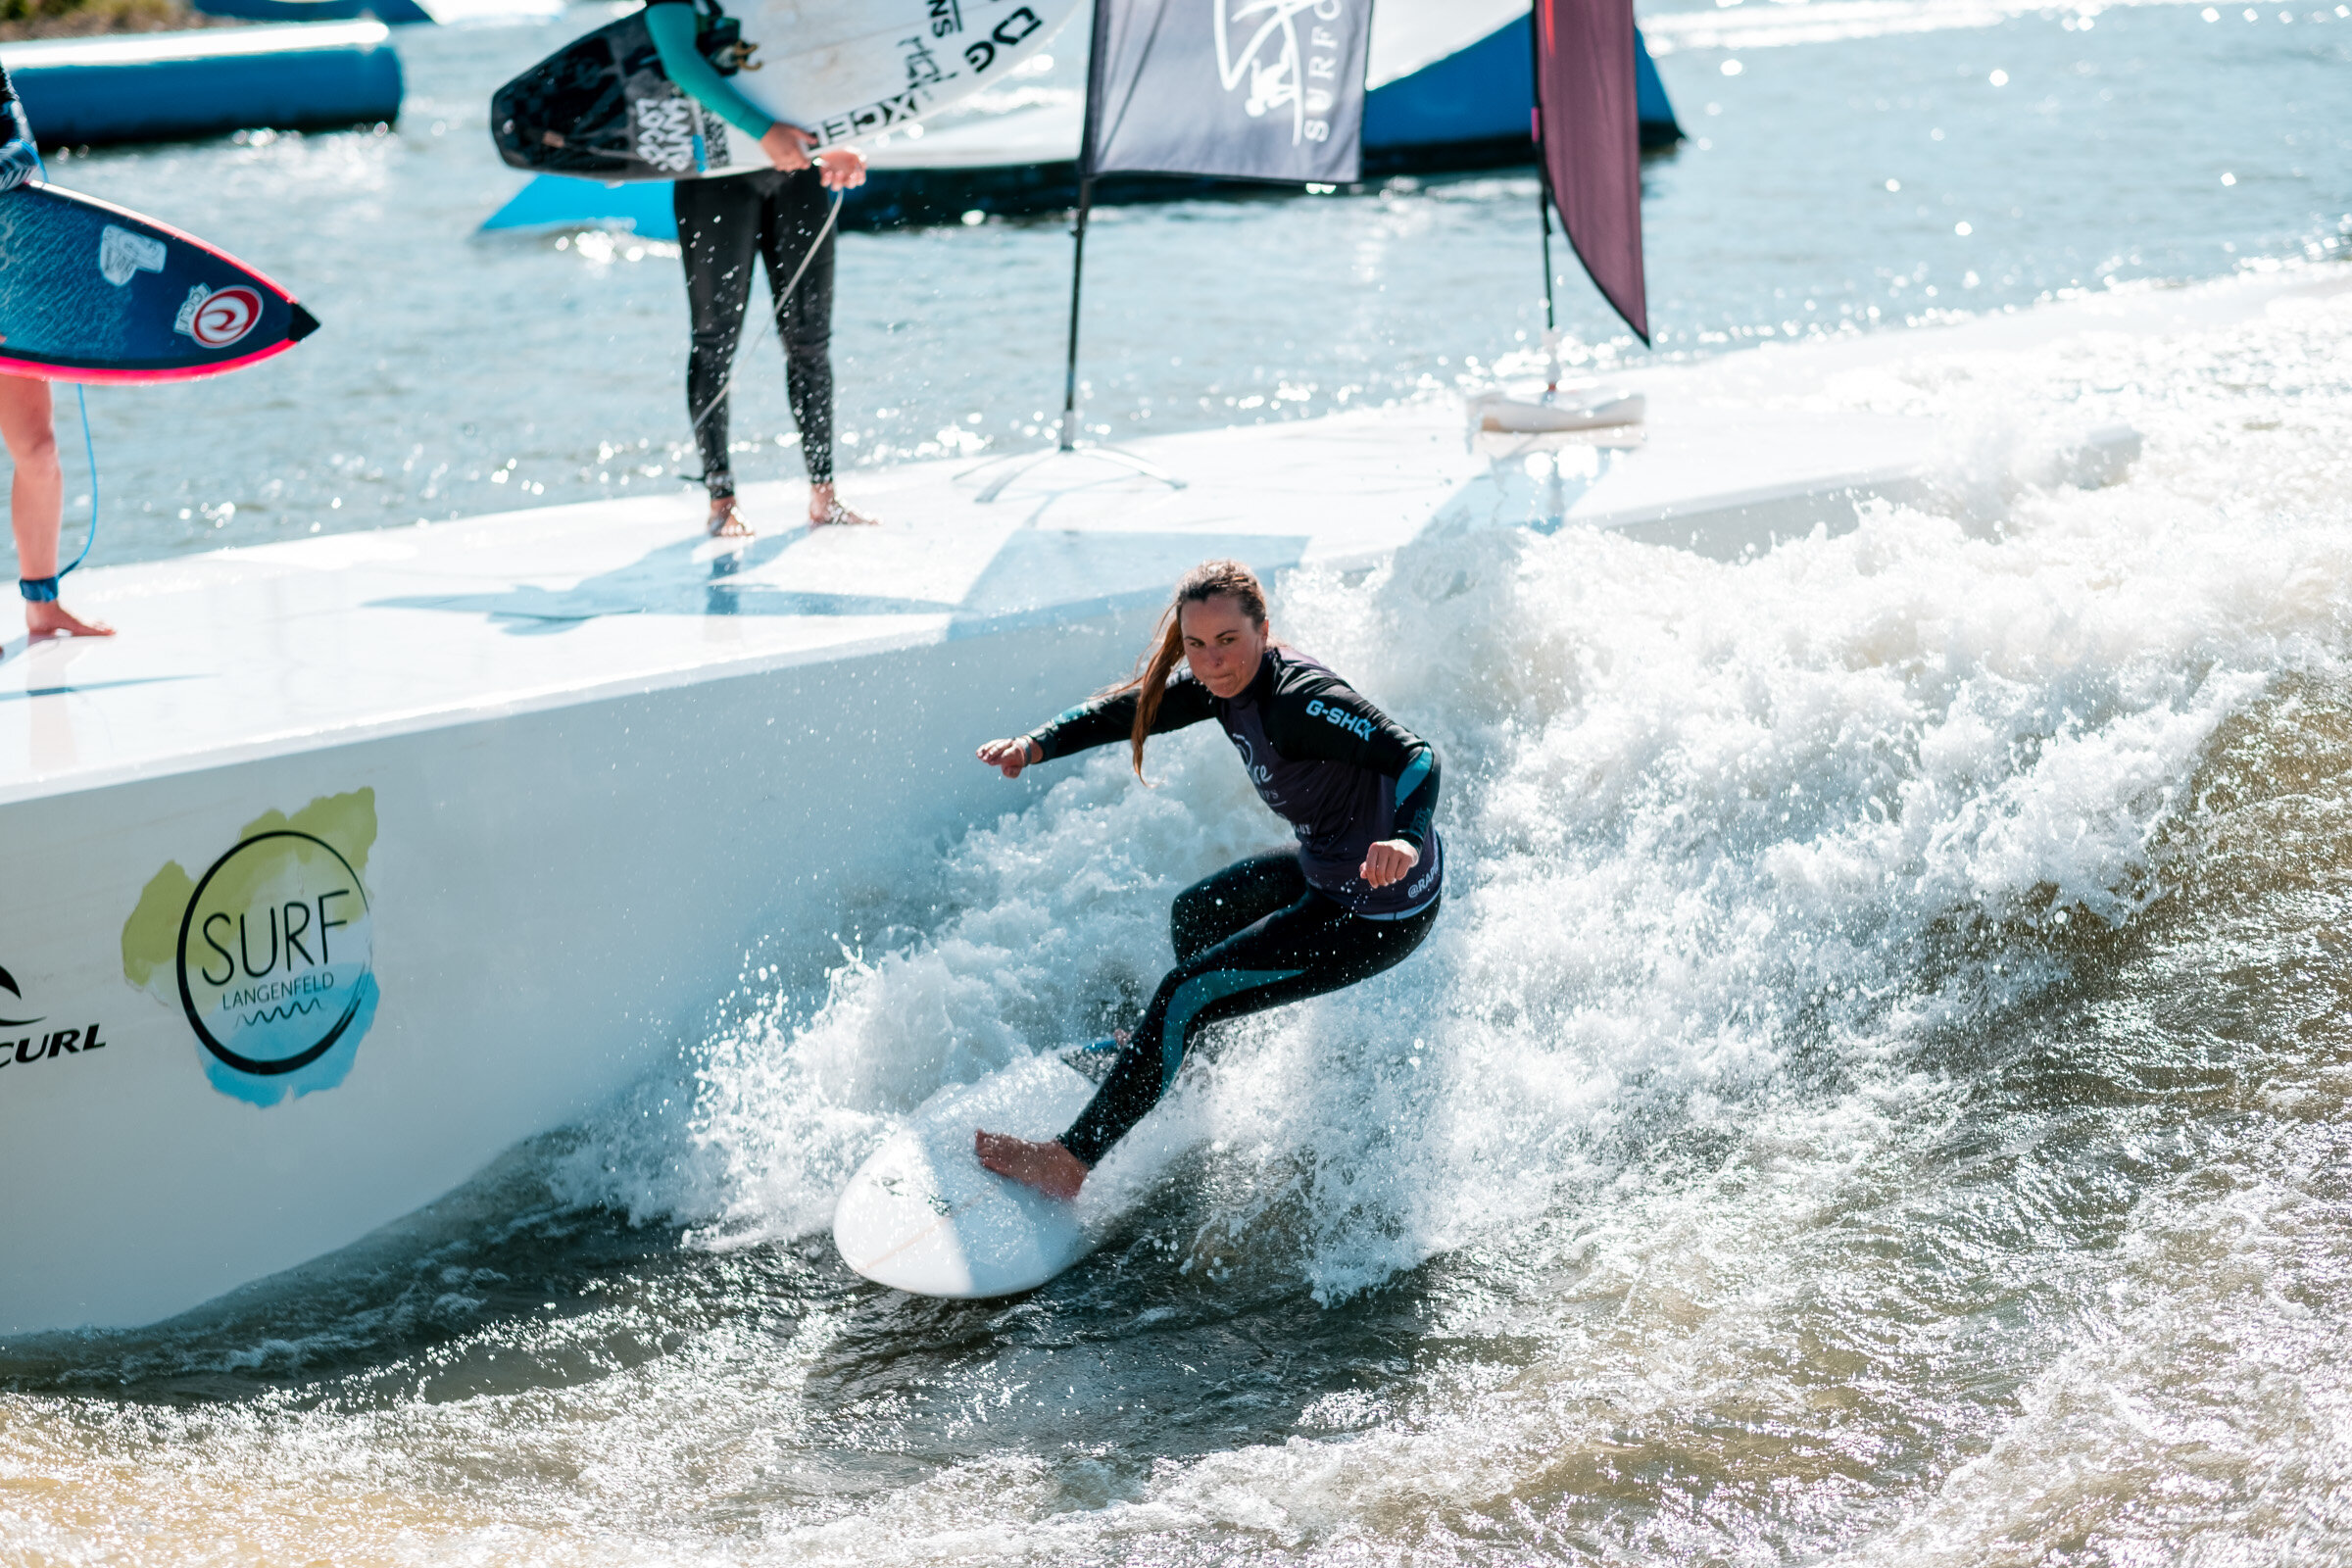 rapid-surf-contest-derKristof-216.jpg